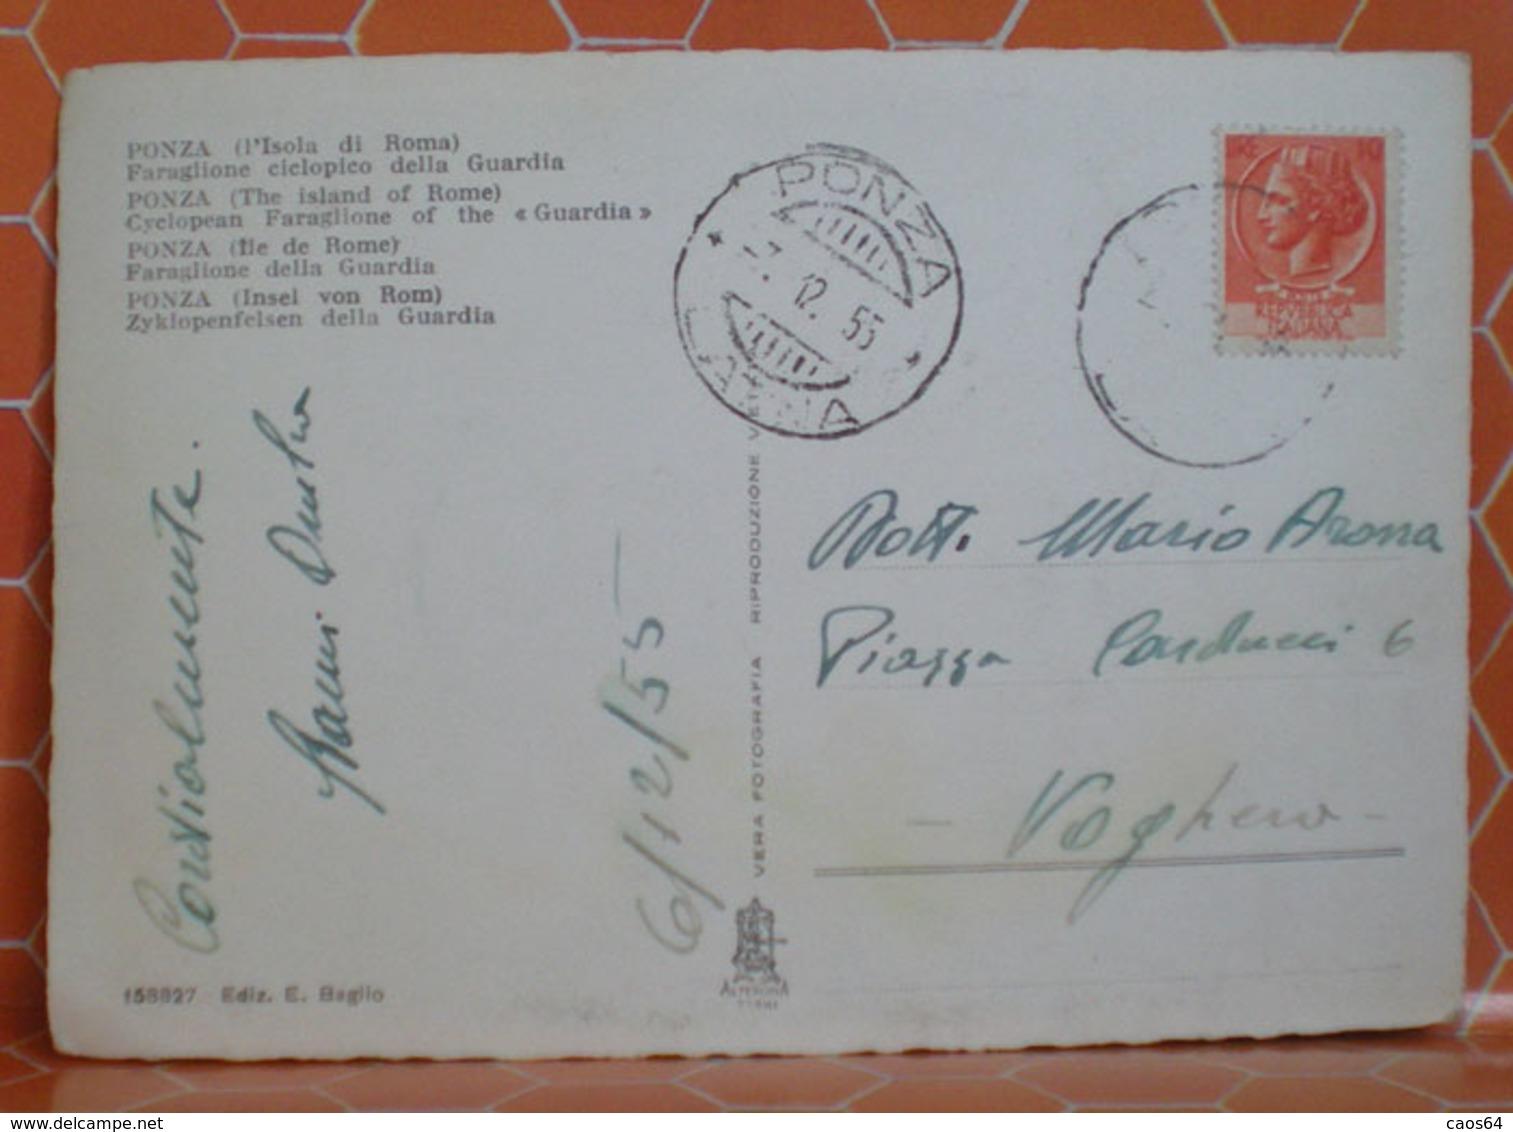 Ponza Isola Di Roma Faraglioneciclopicodella Guardia Cartolina 1955 Con Annullo Frazionato - Altre Città